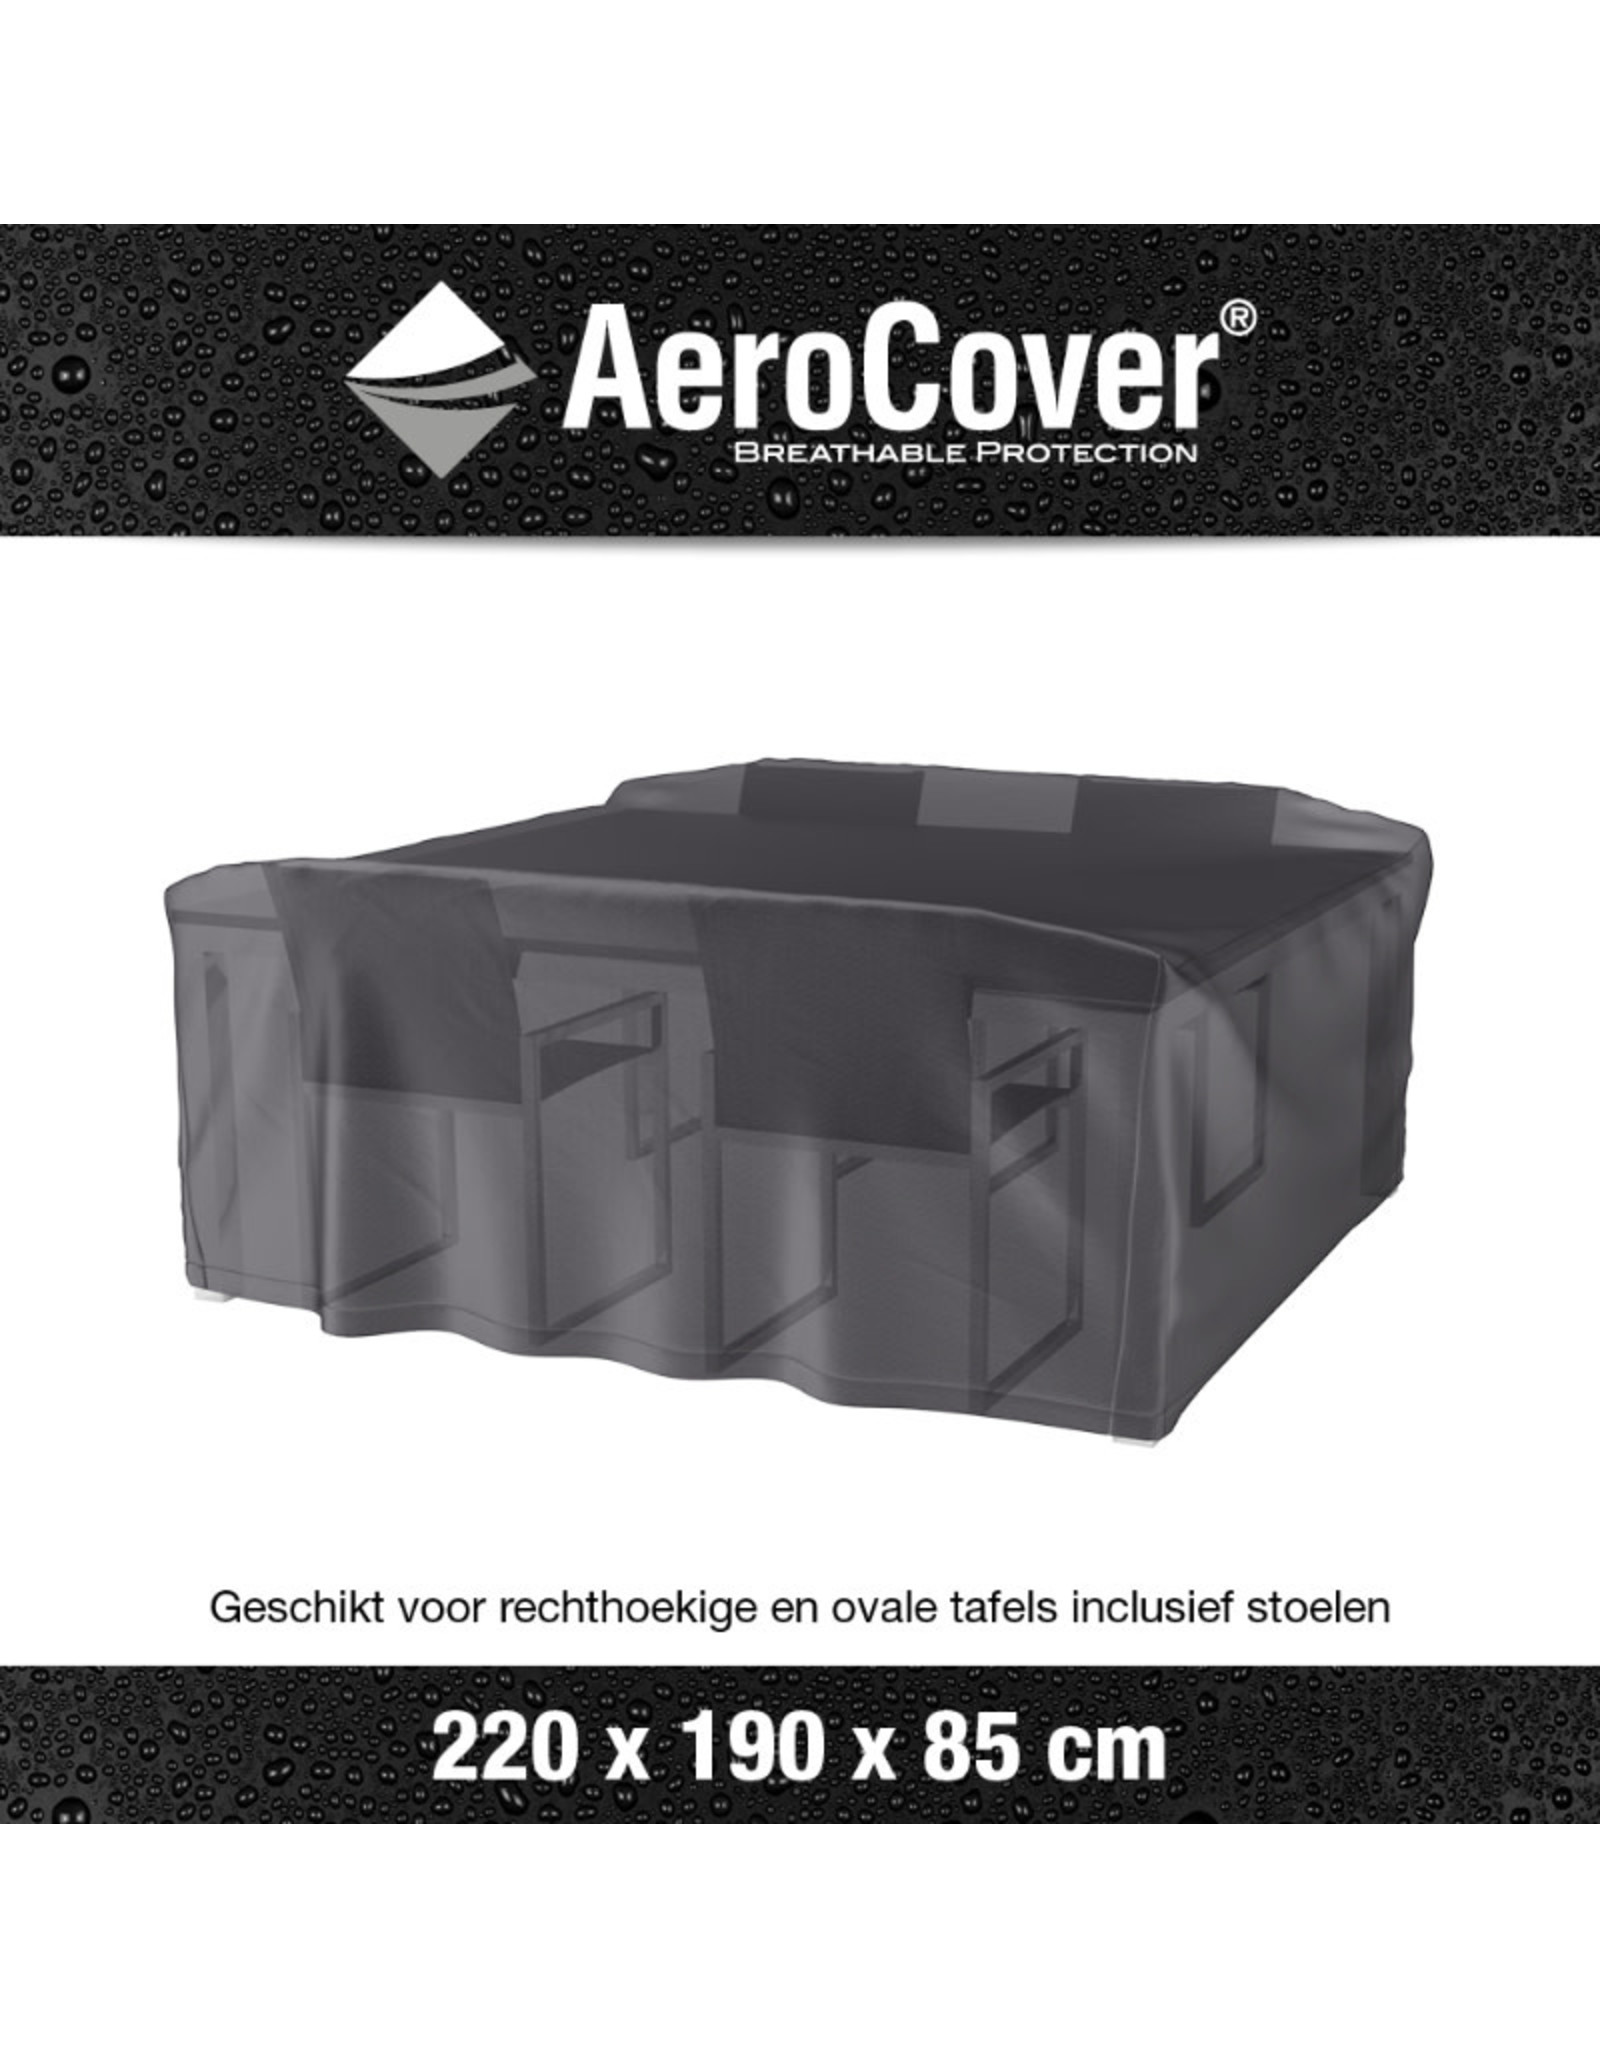 Aerocover AeroCover Garden set cover 220x190xH85